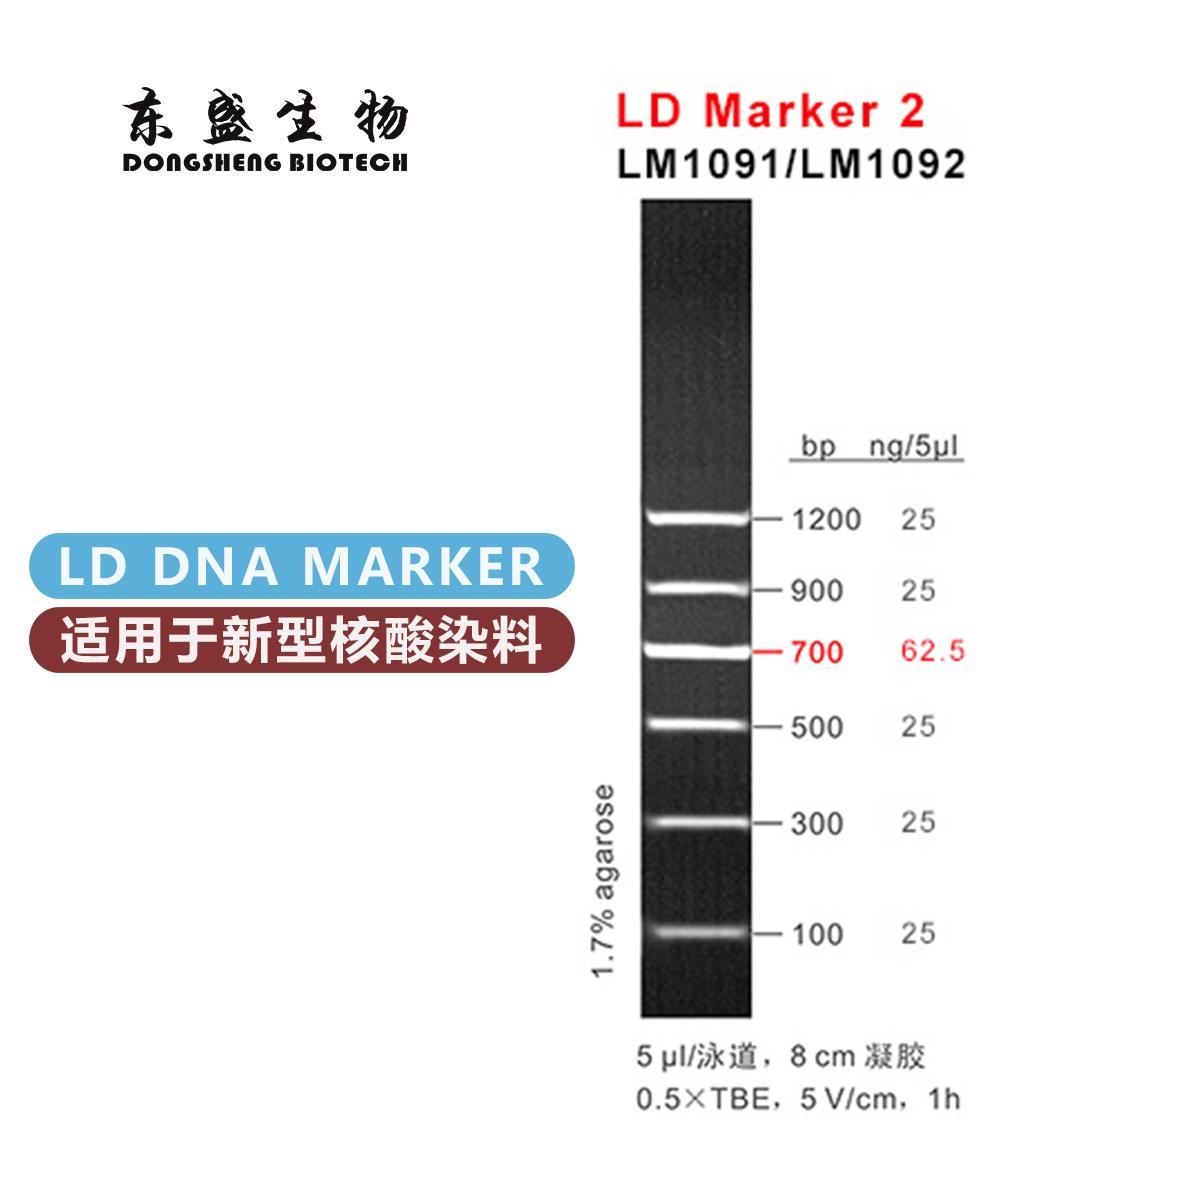 东盛LD Marker 2 新型染料专用DNA Marker (LM1091-LM1092)